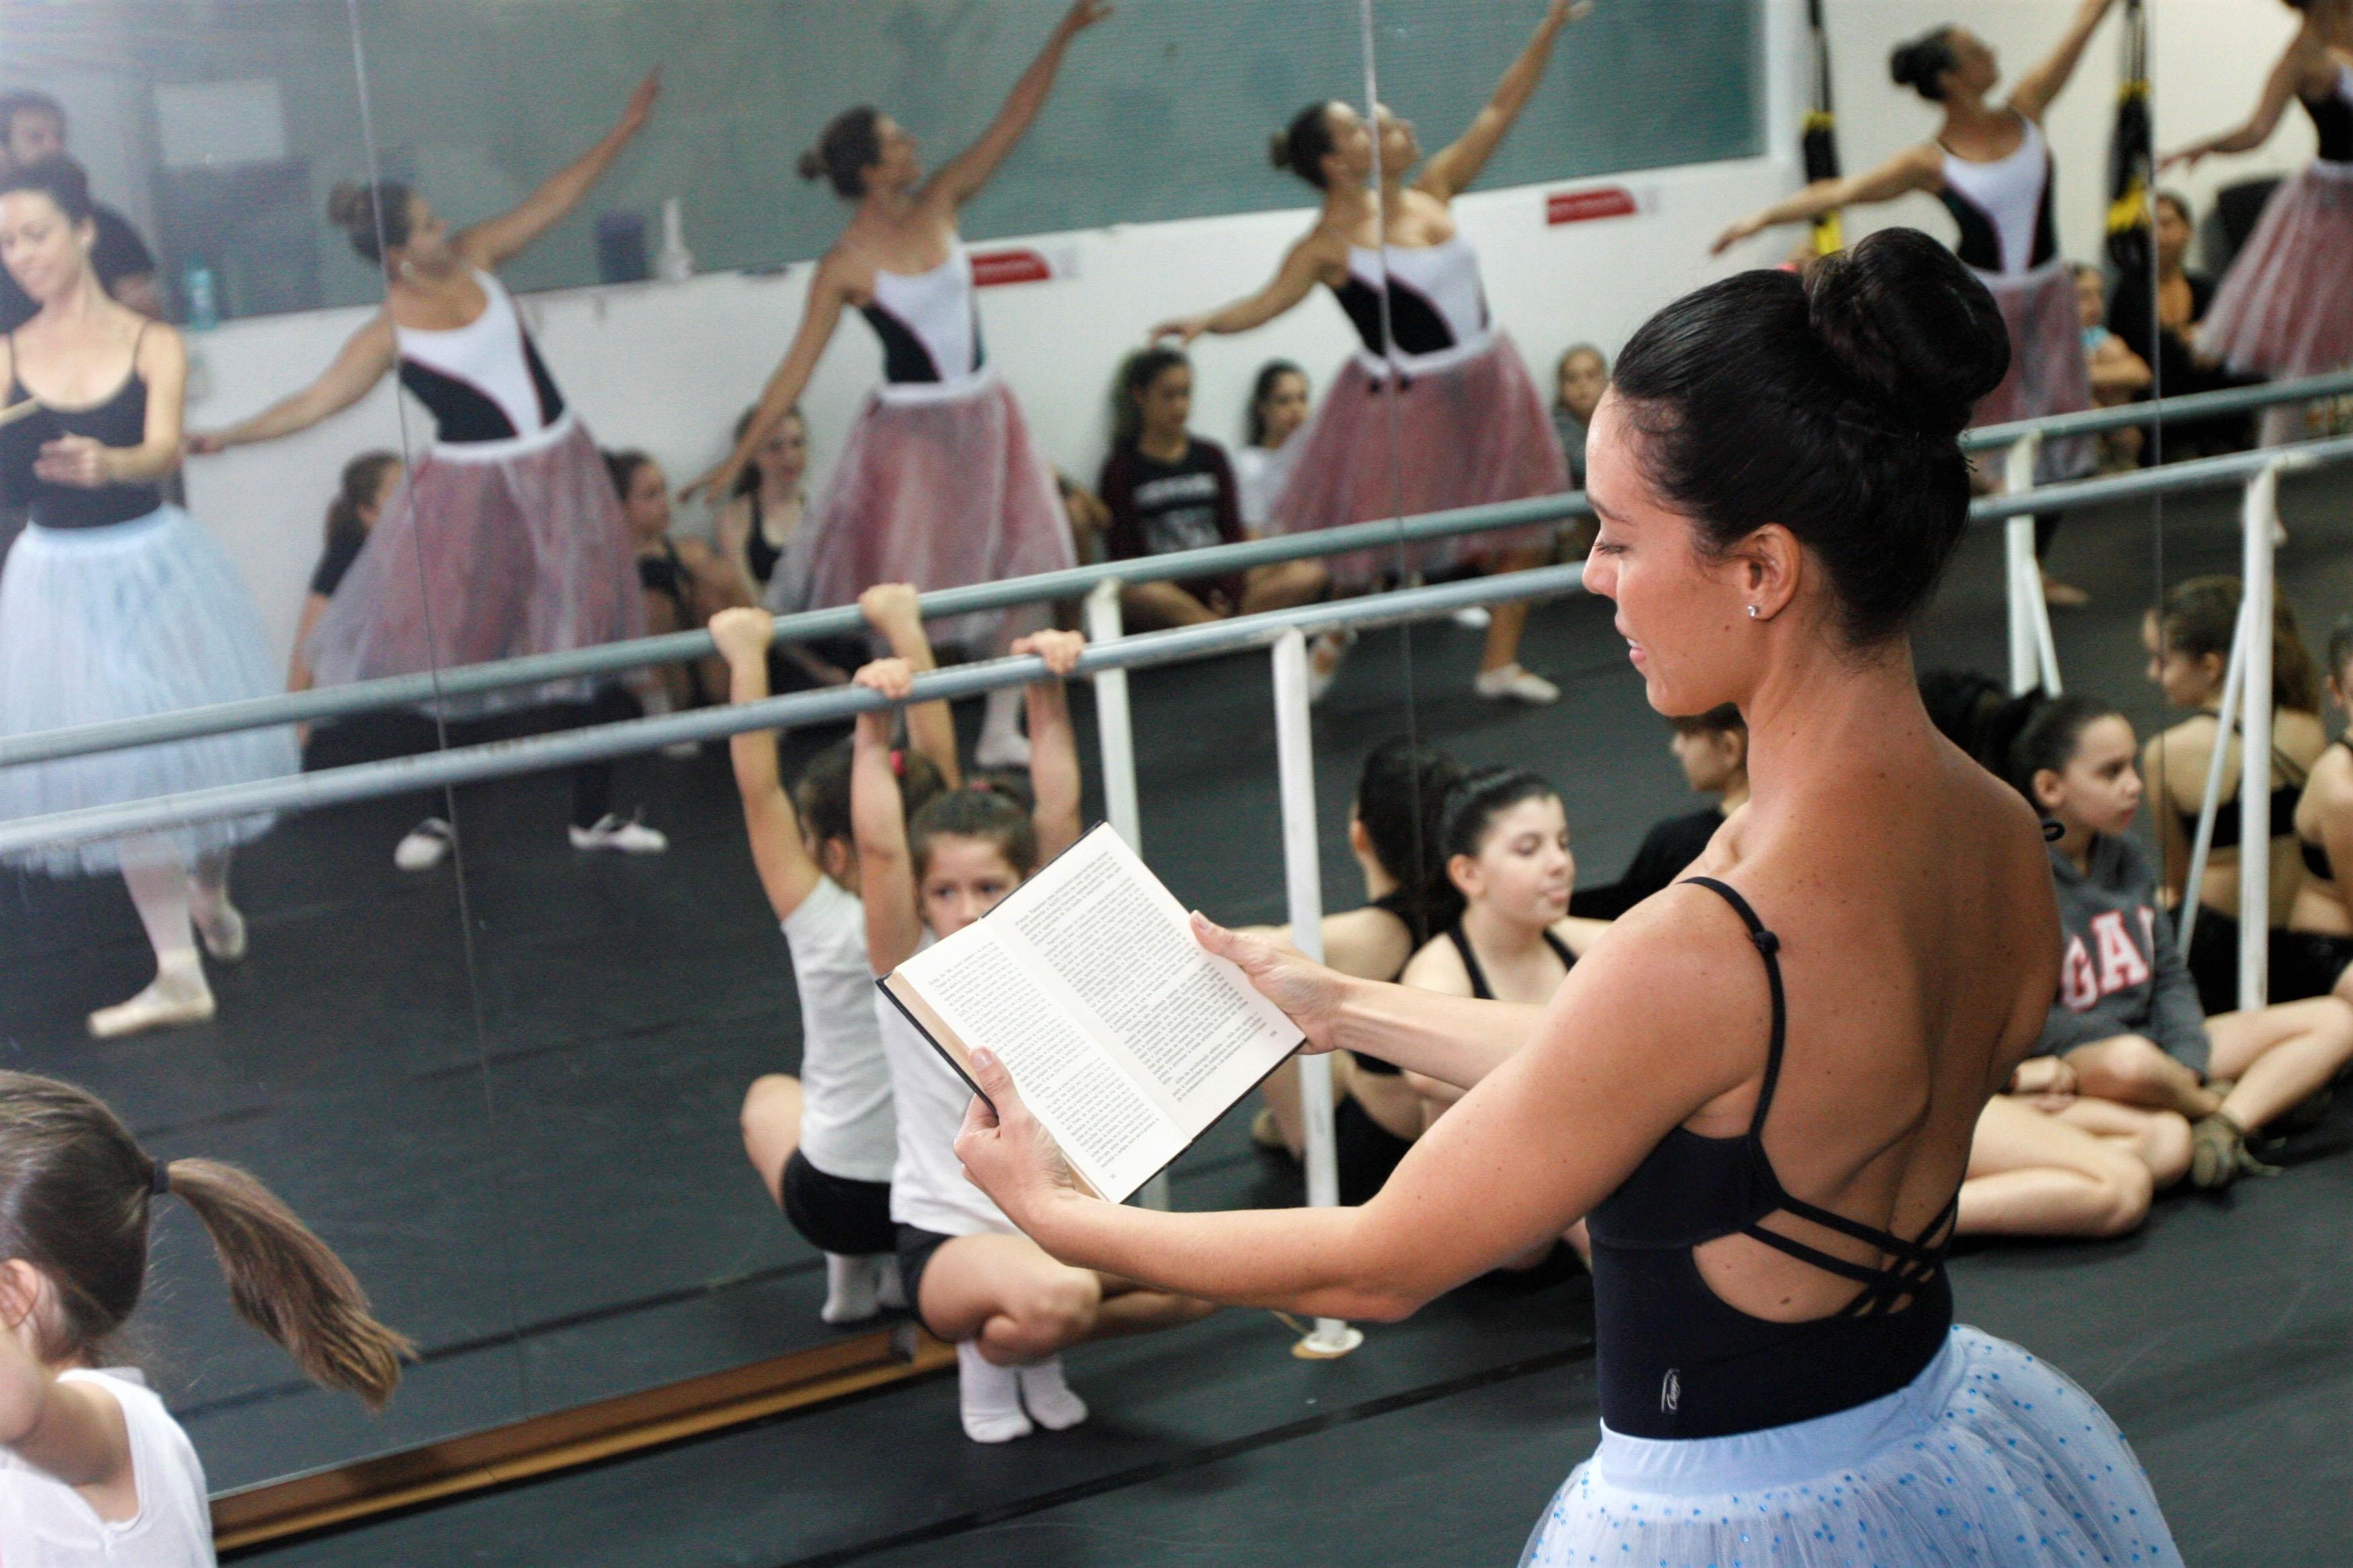 Espetáculo de dança a Bela e a Fera - Divulgação/ND